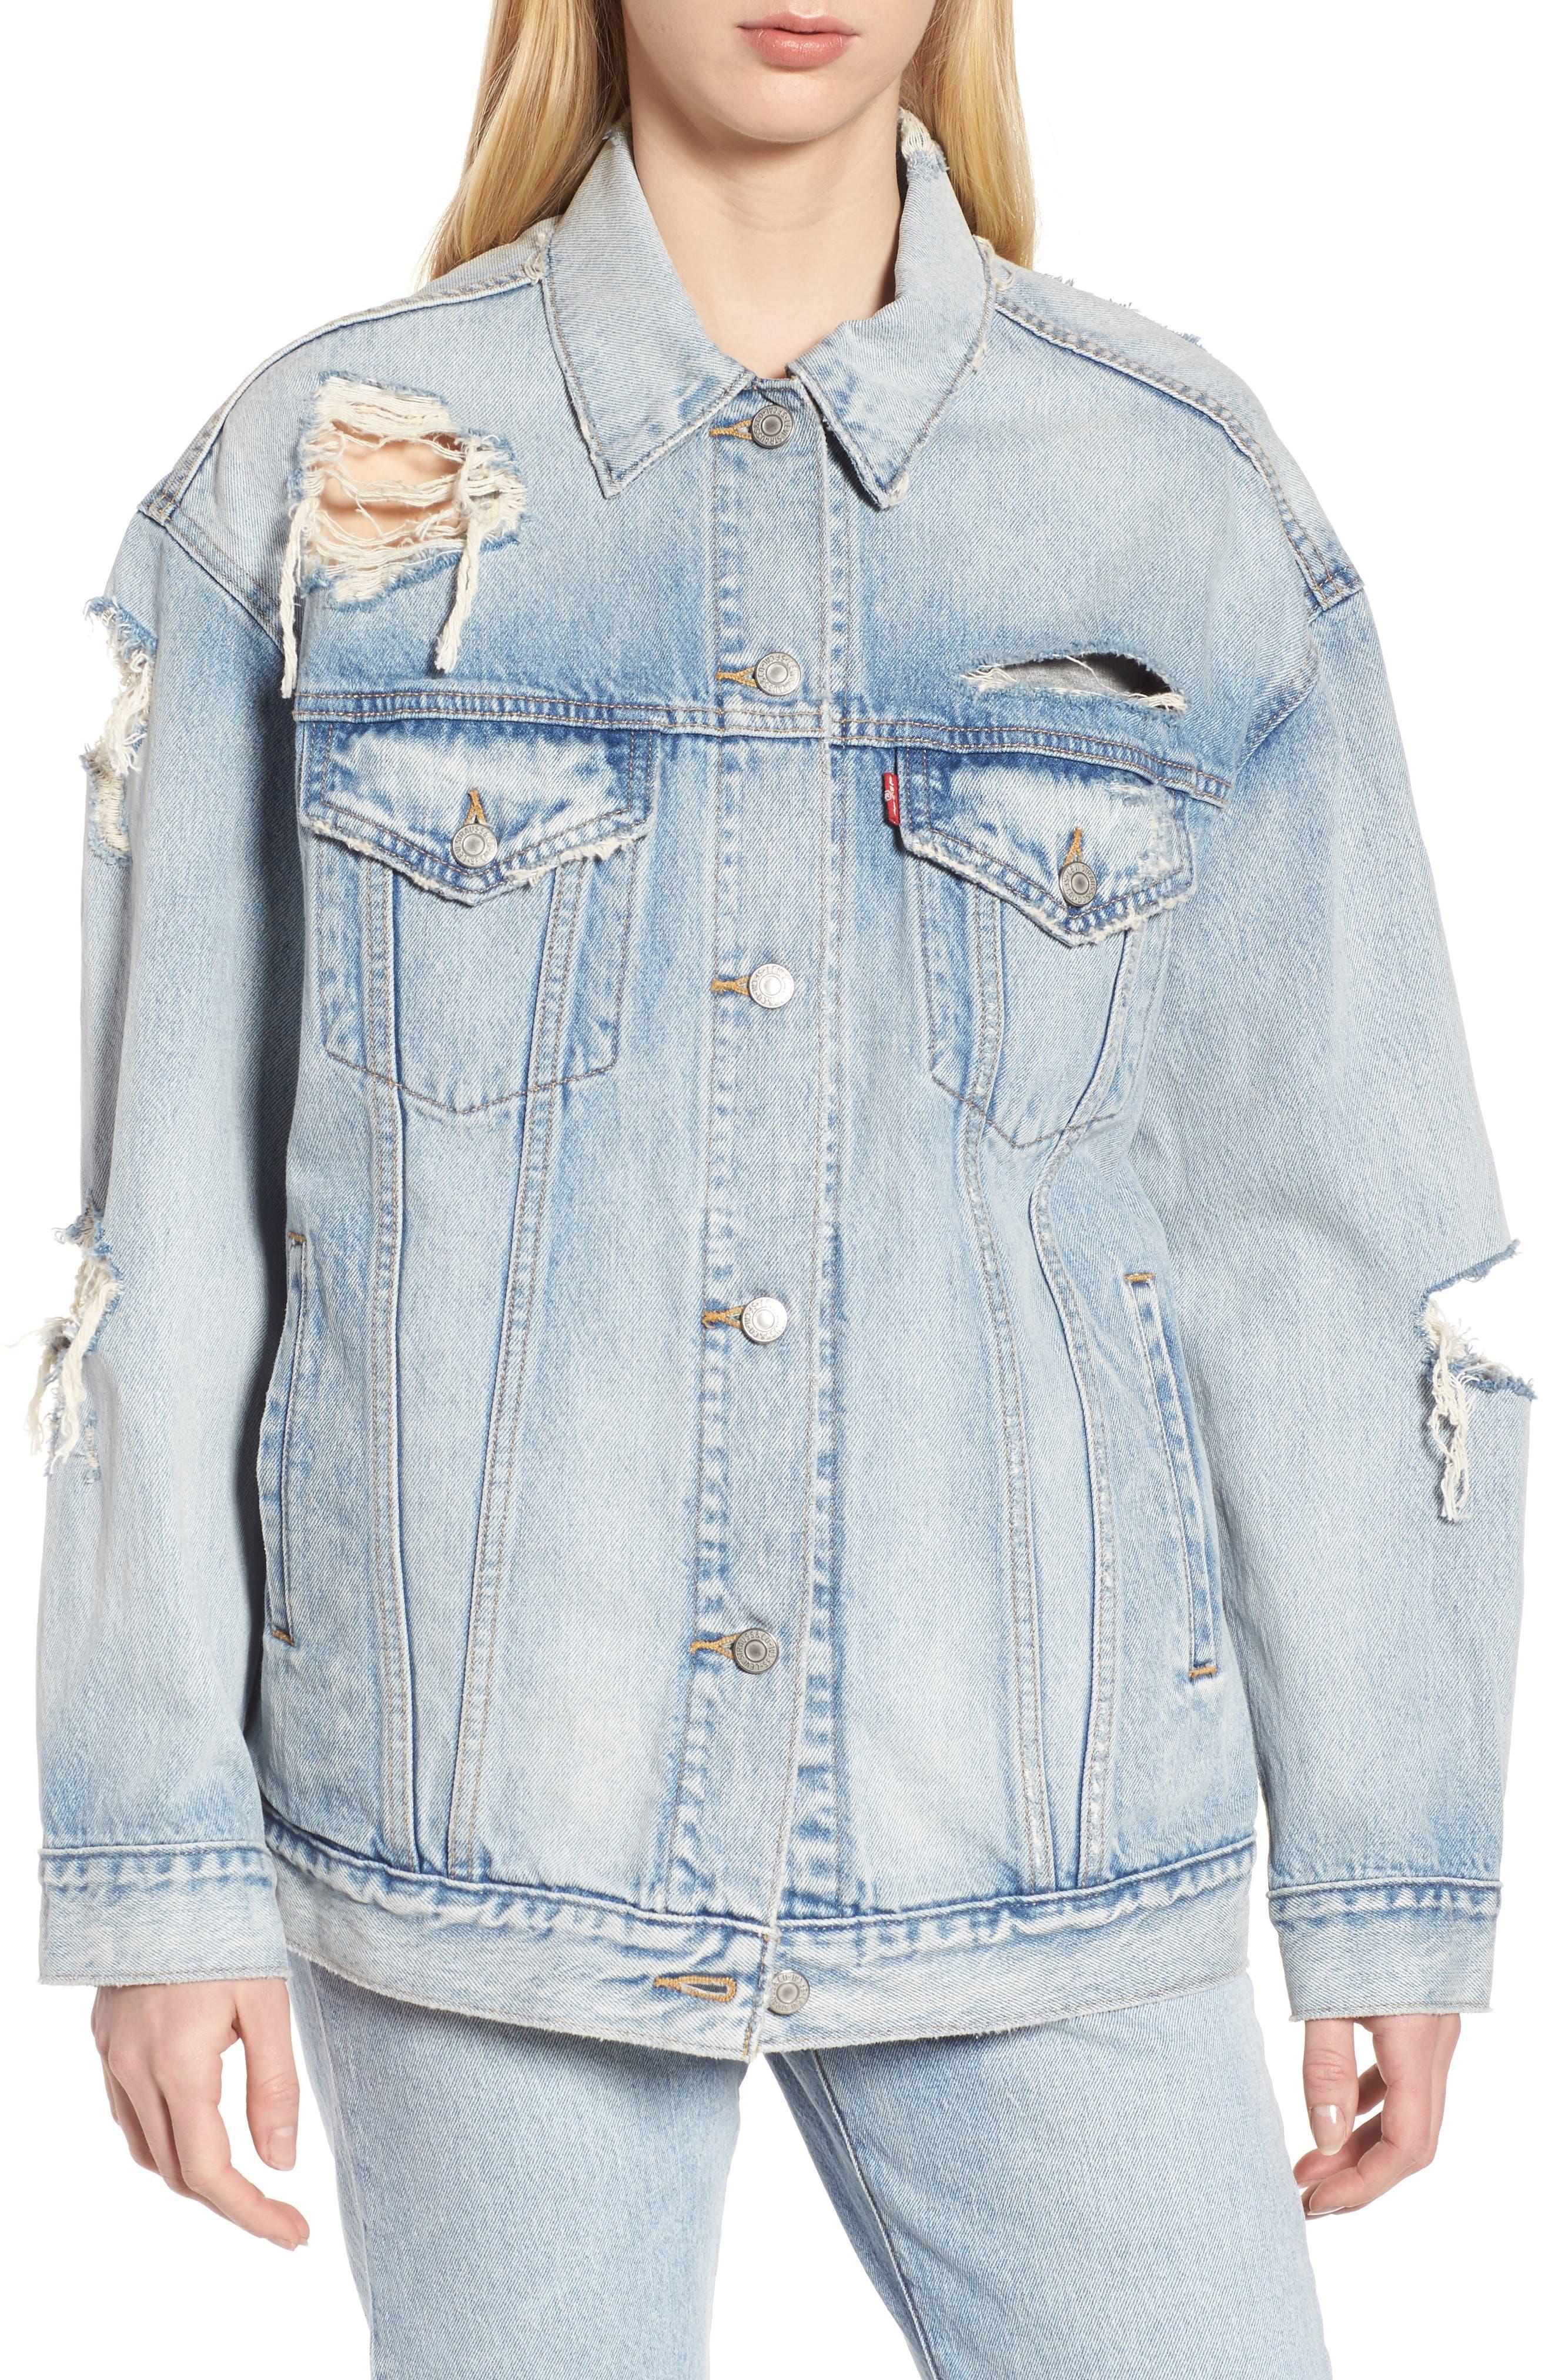 Levis<sup>®</sup> Baggy Trucker Denim Jacket,                         Main,                         color, 401